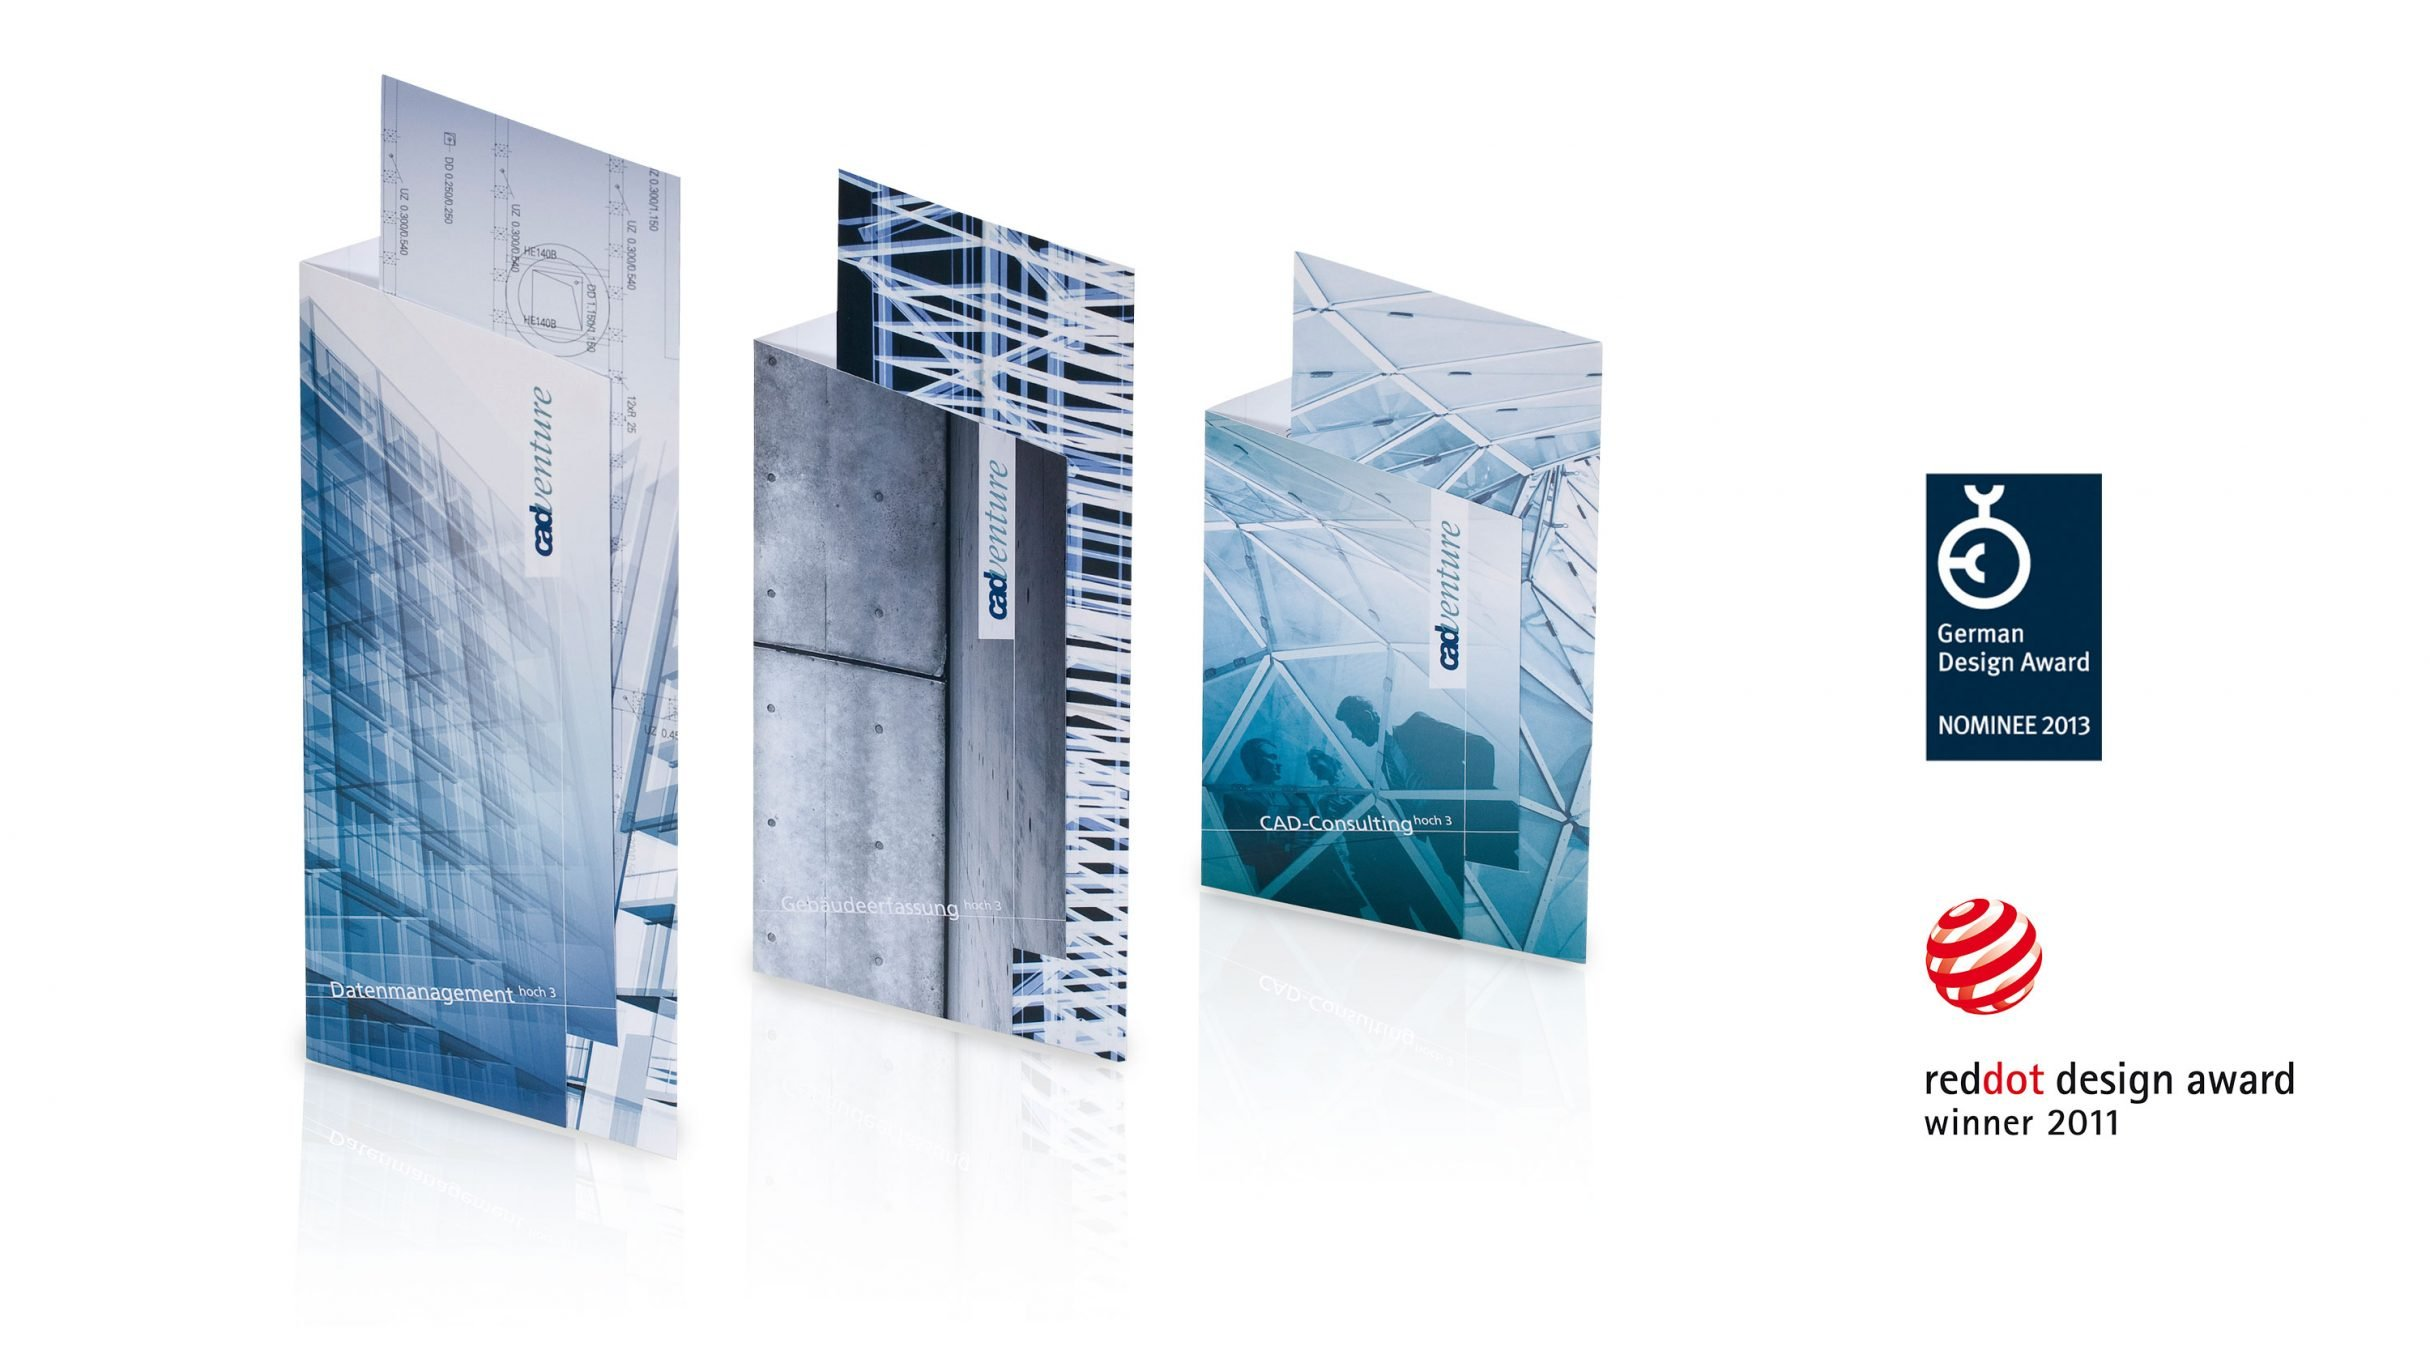 Powertower, Imageflyer für cadventure, reddot german design award winner: DIE NEUDENKER® Agentur, Darmstadt